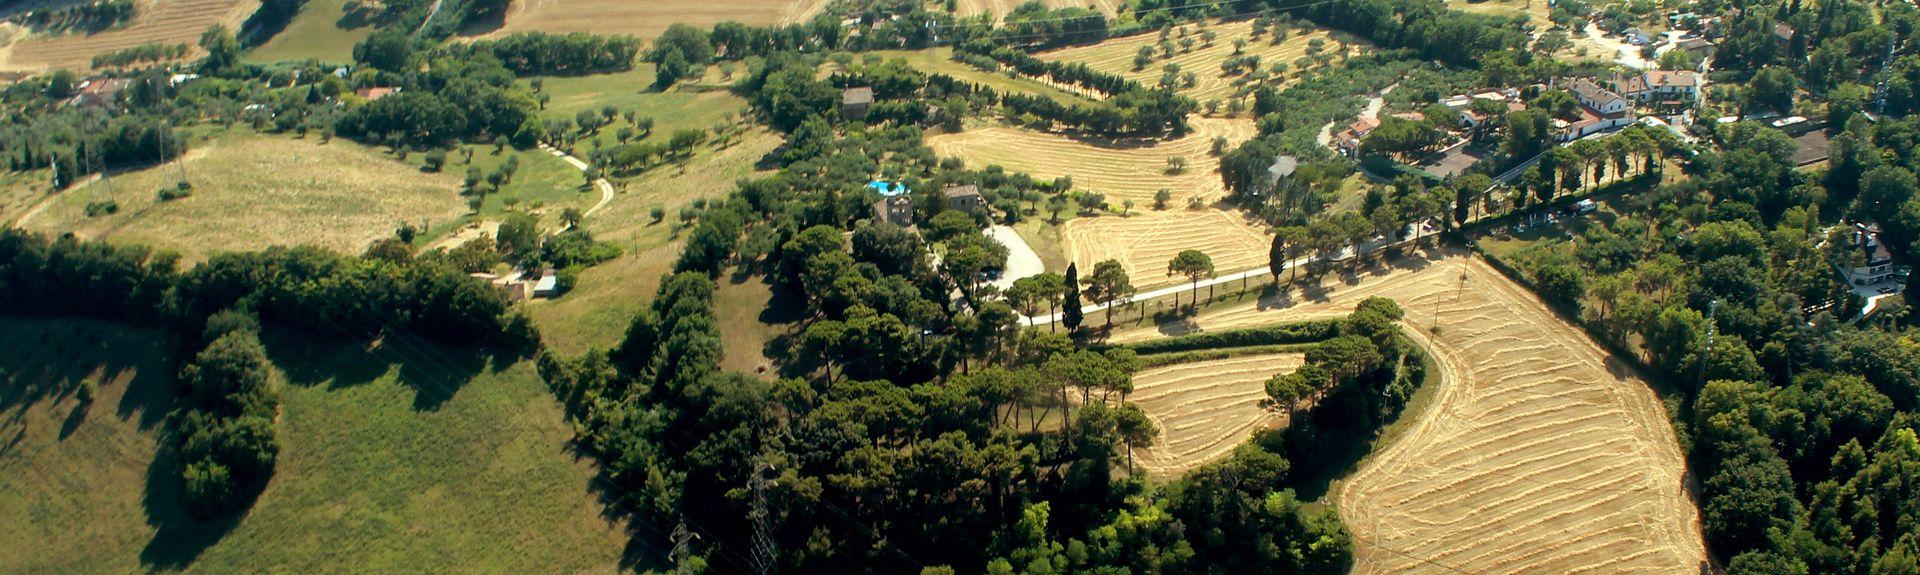 Fano, Pesaro and Urbino, Marche, Italy